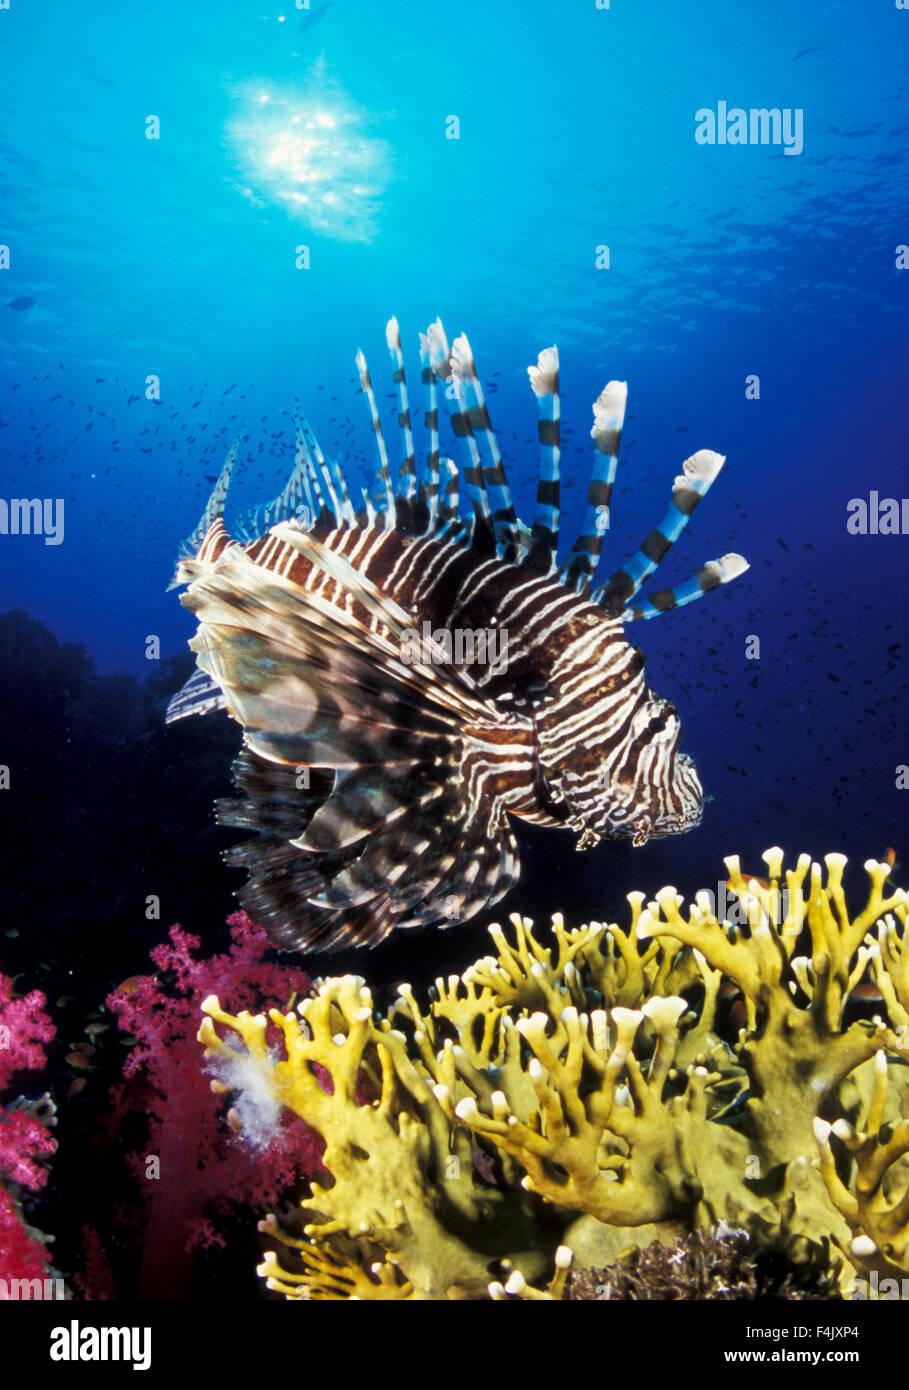 Lionfish - Stock Image